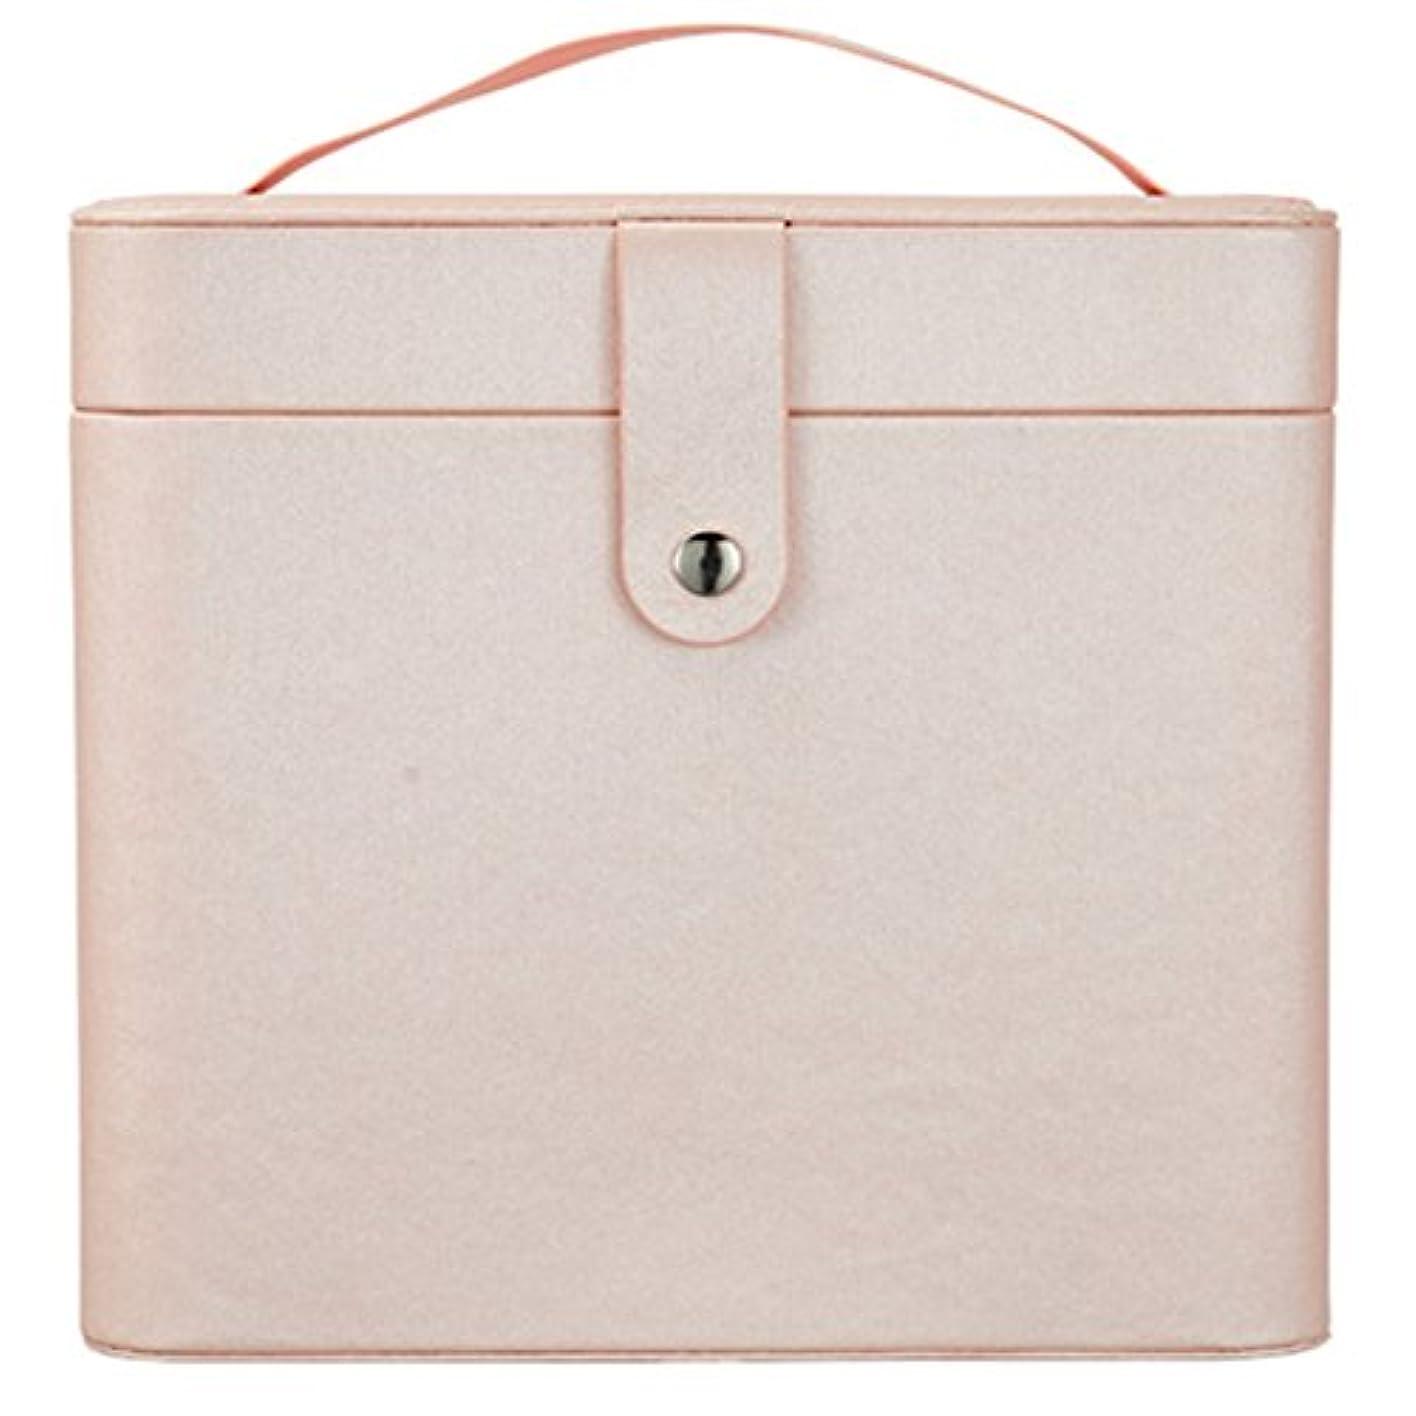 手配する驚き傾向化粧オーガナイザーバッグ 裸のピンクのポータブル化粧品バッグ、美容メイクアップ用の小さなものの種類の旅行のための化粧鏡 化粧品ケース